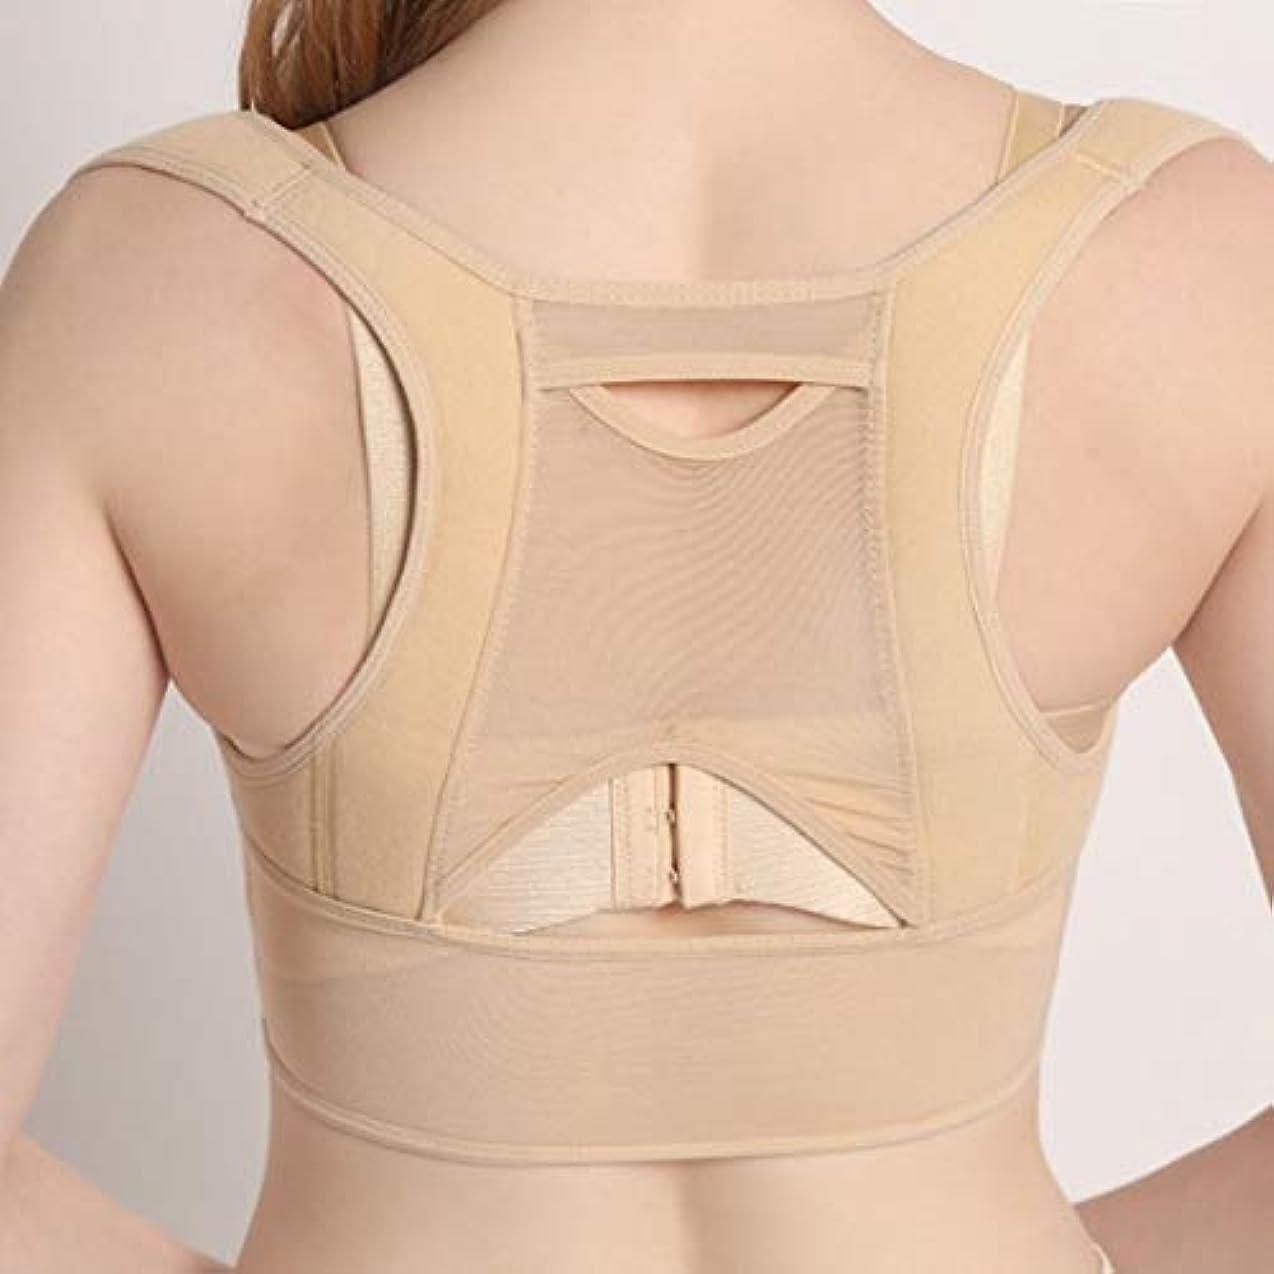 誰も抜け目のない買う通気性のある女性の背中の姿勢矯正コルセット整形外科の肩の背骨の背骨の姿勢矯正腰椎サポート (Rustle666)